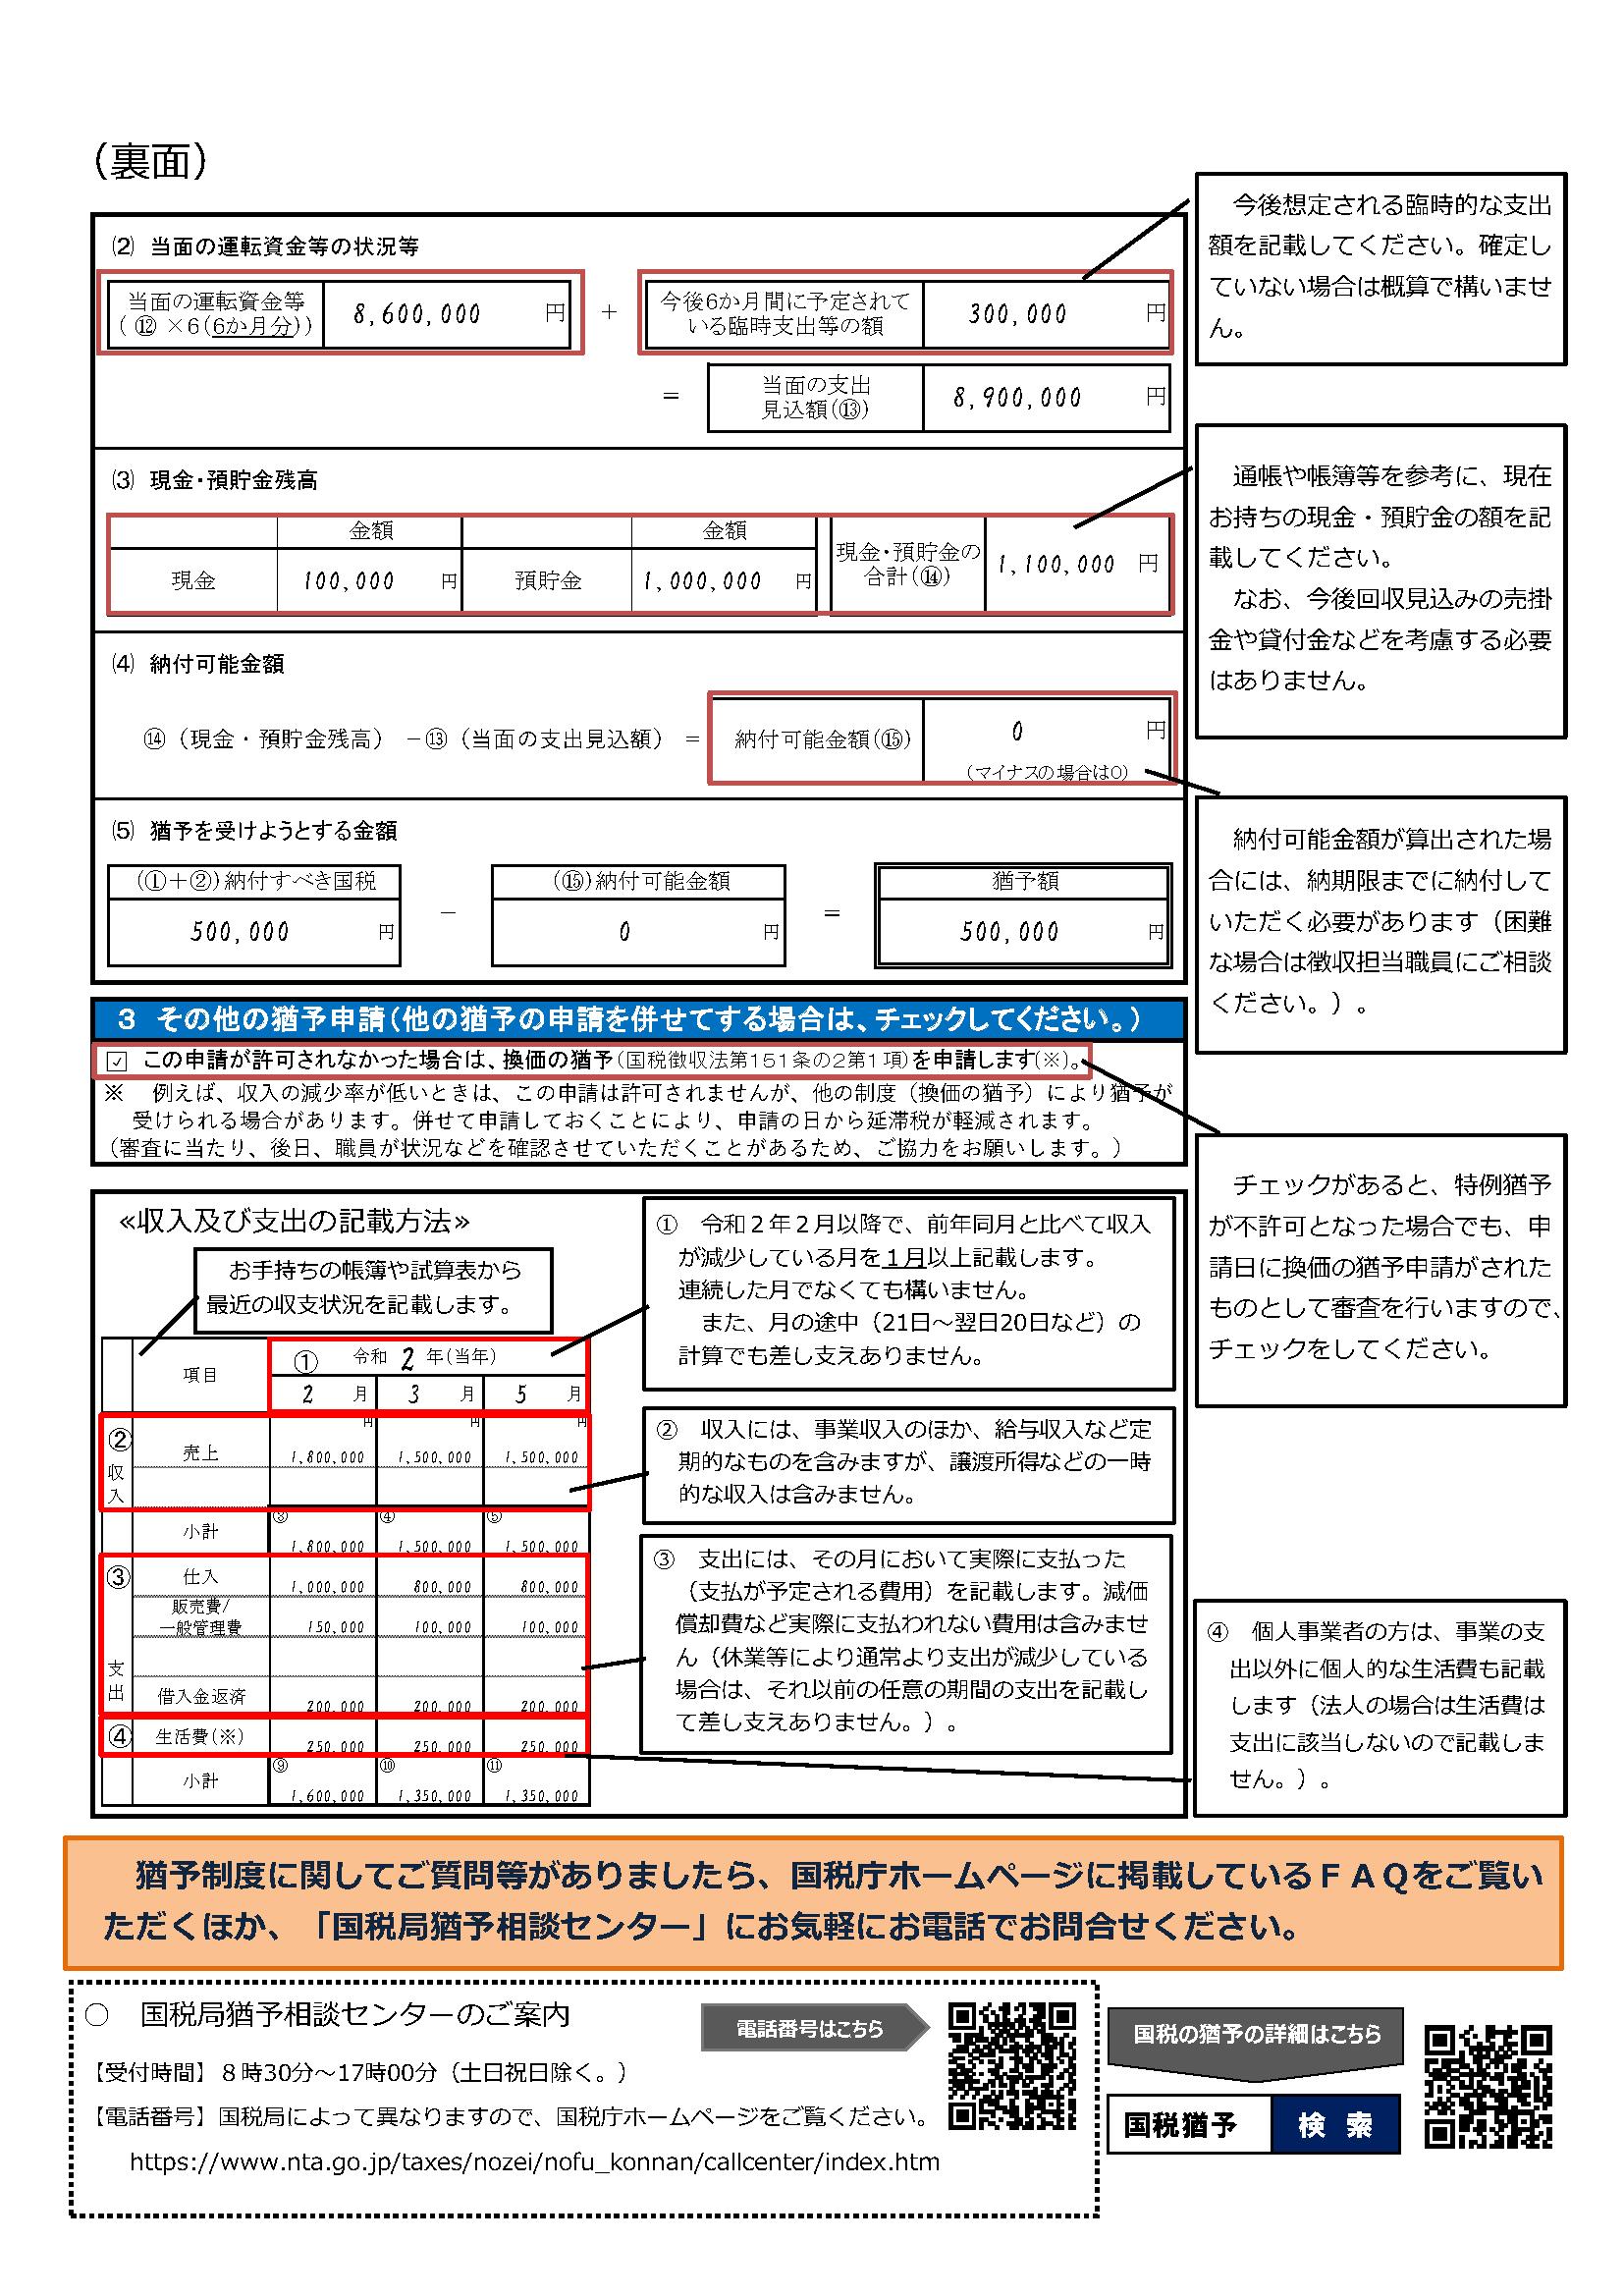 無担保・無利子(無延滞税)になる納税猶予(コロナ特例)について ...